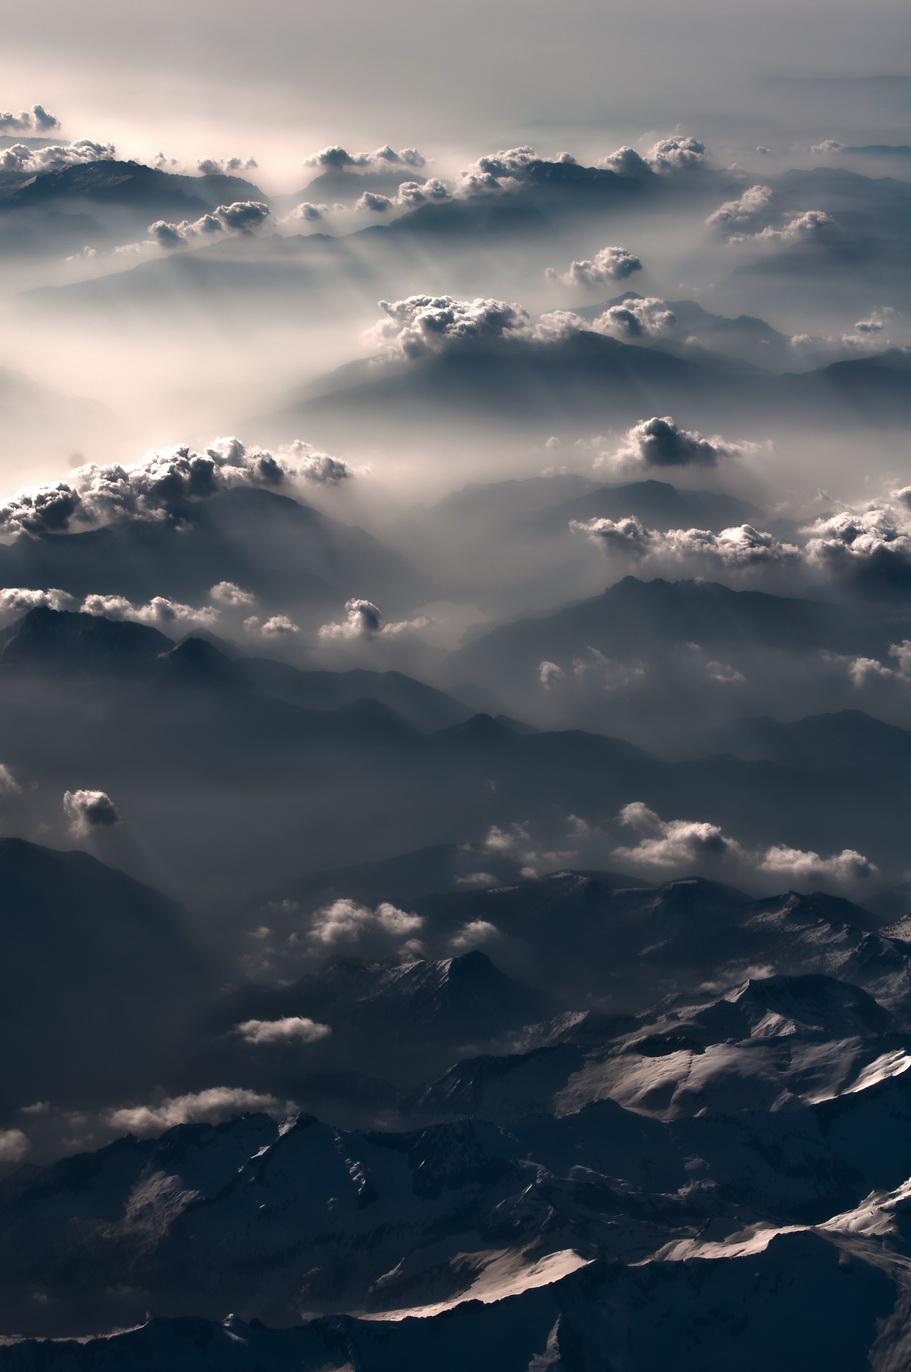 Это Альпы. Явление продолжалось минут 10. От тумана и безоблачности к одиночным облачкам над хребтами, а далее - к такому чуду.